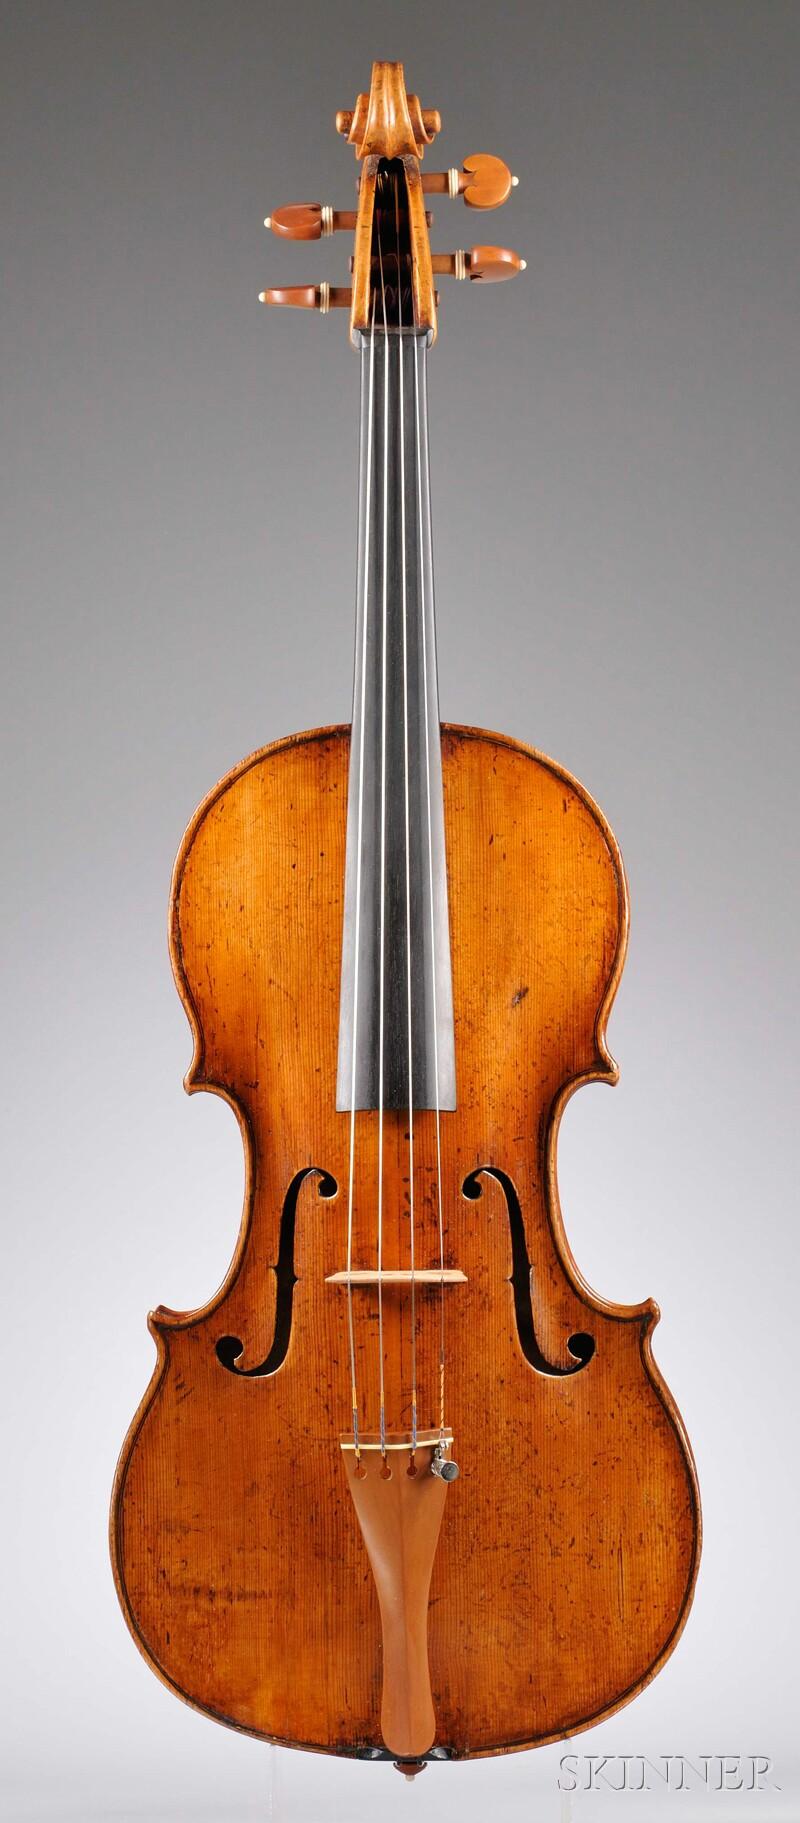 Italian Viola, Florentine School, Ascribed to Giovanni Battista Gabrielli, c. 1750